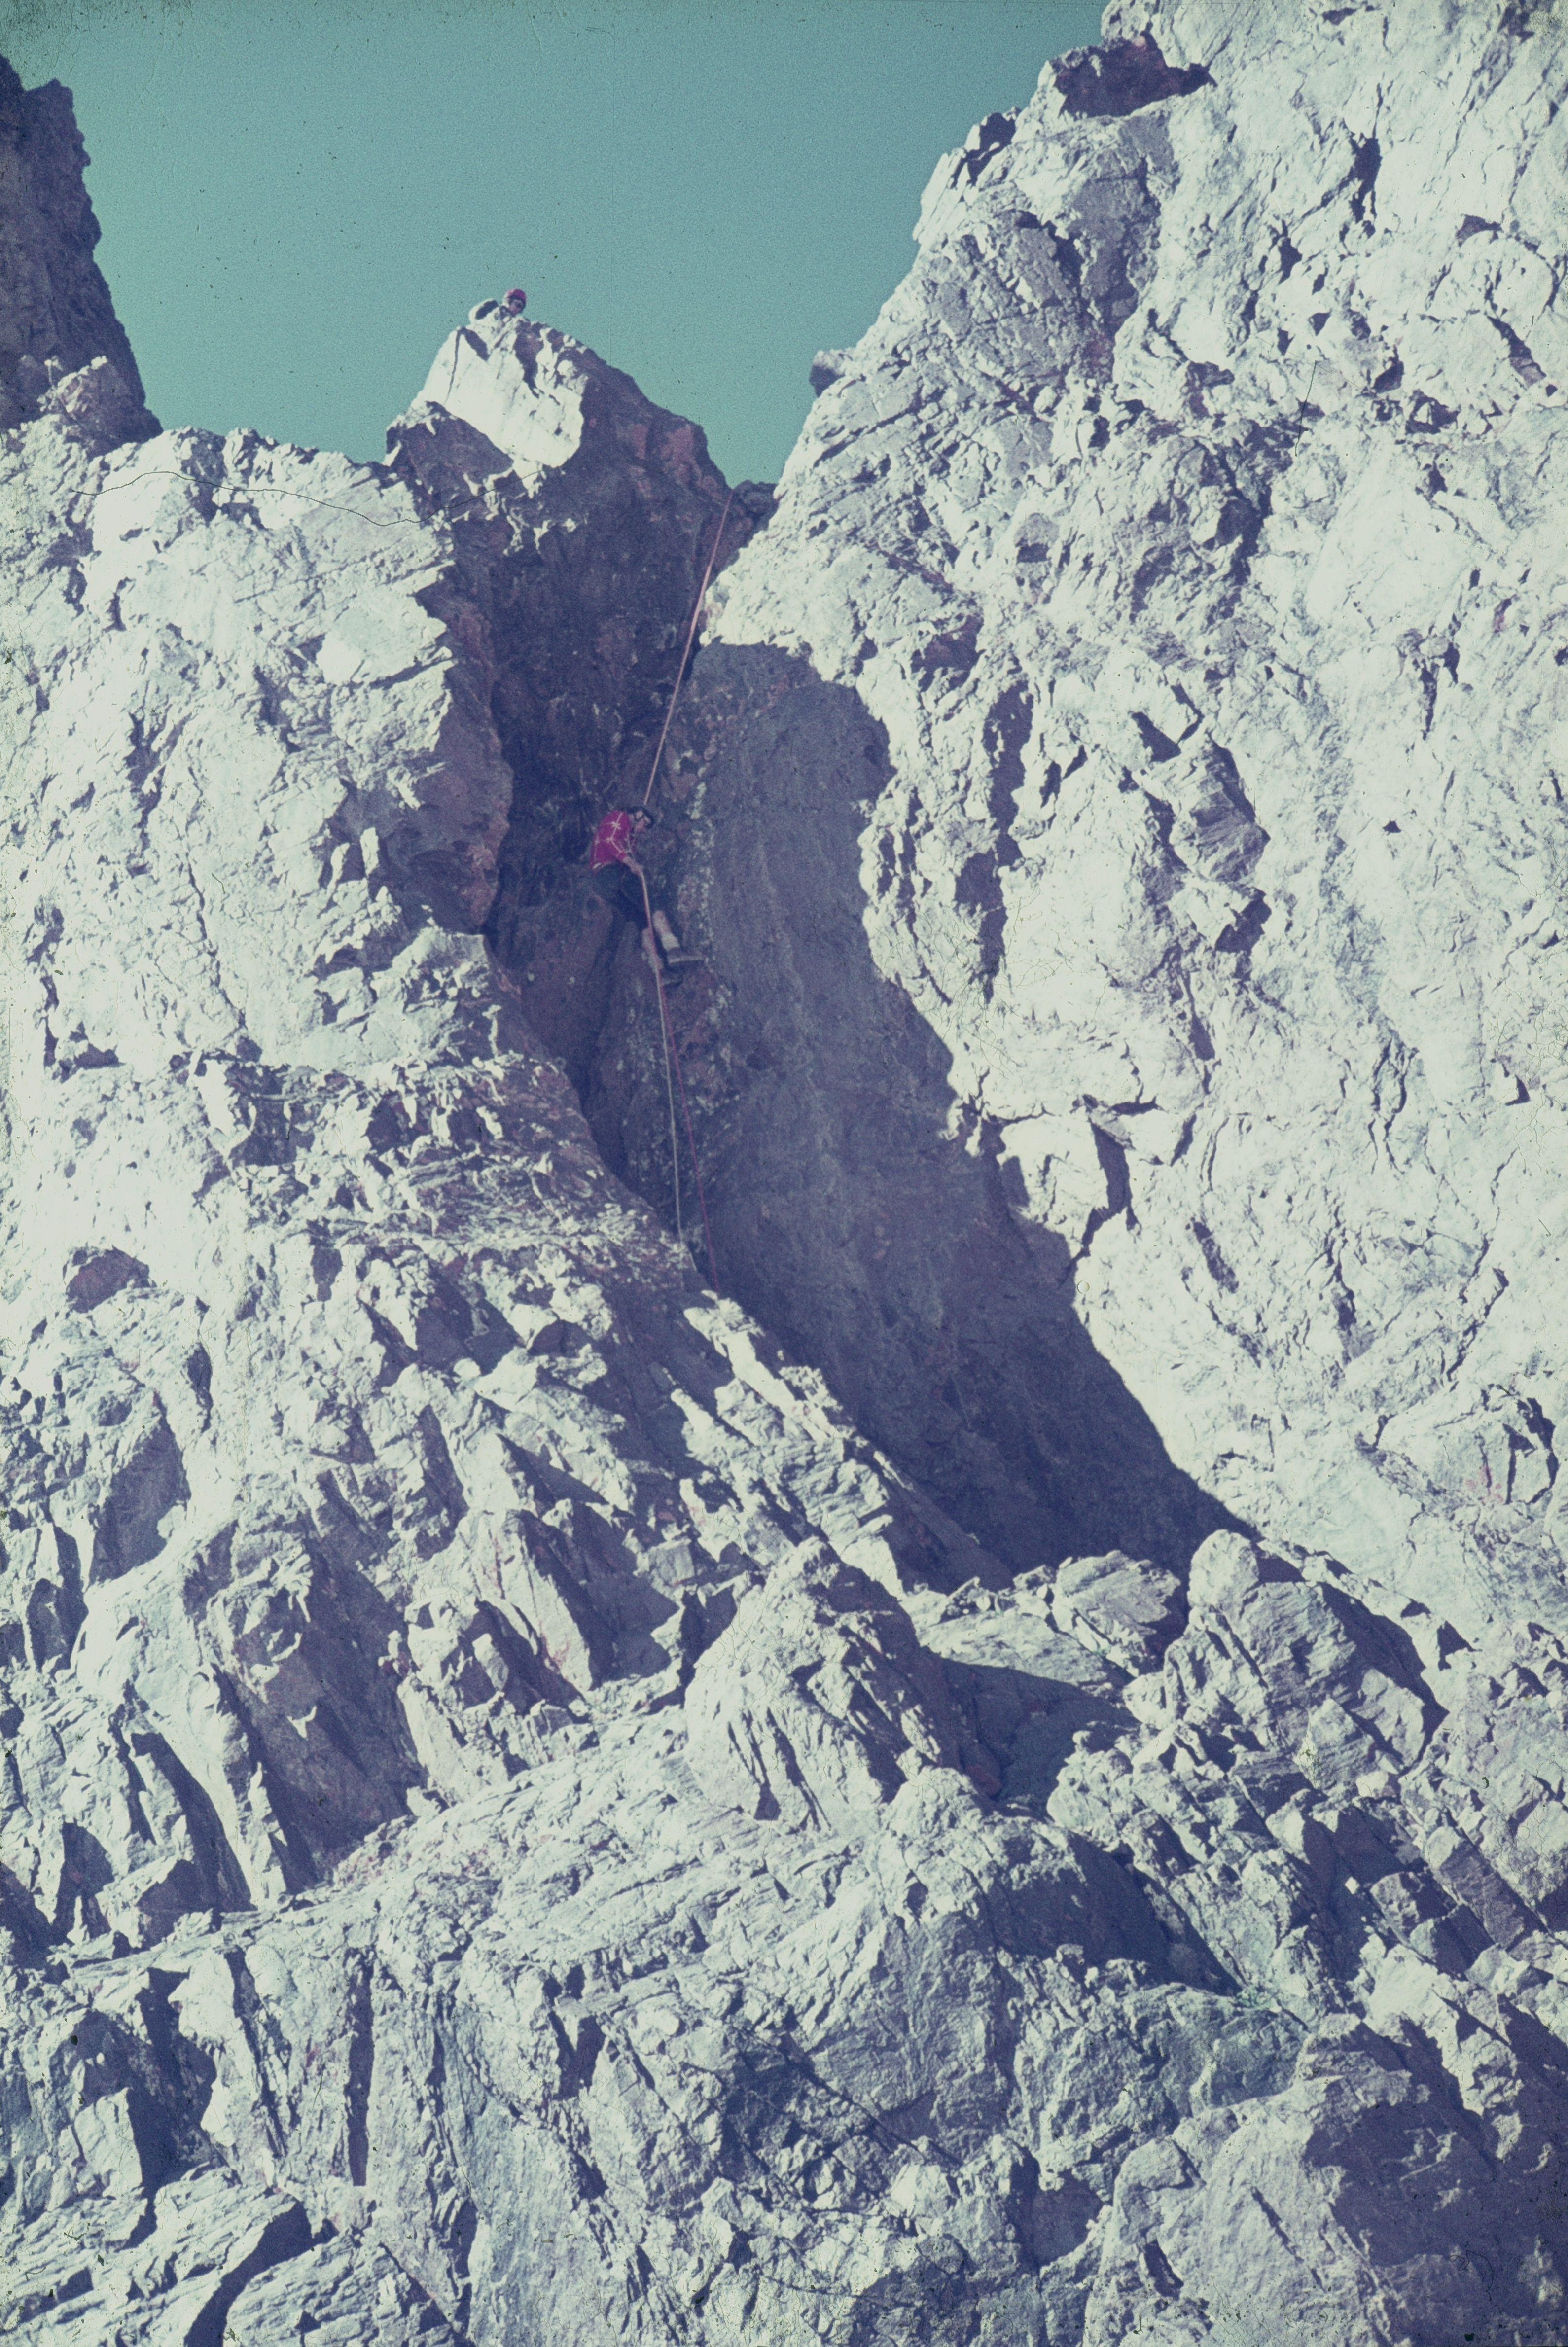 baixant del akiud sud de 4010 m